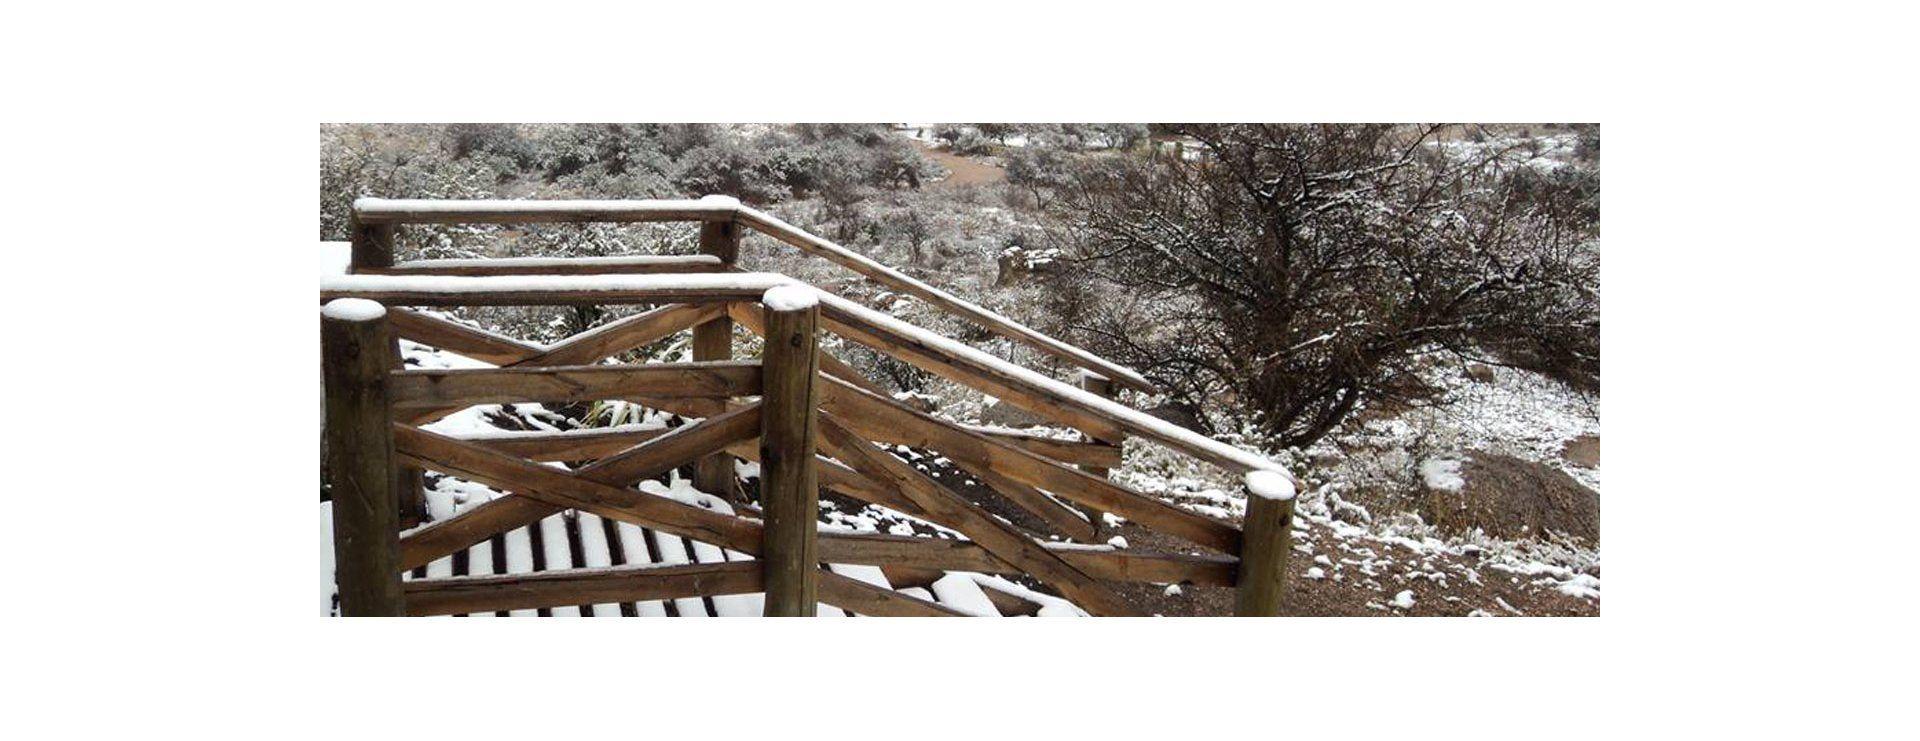 En las escaleras y las ramas de los arbustos también sobresale la primer nieve de este invierno.